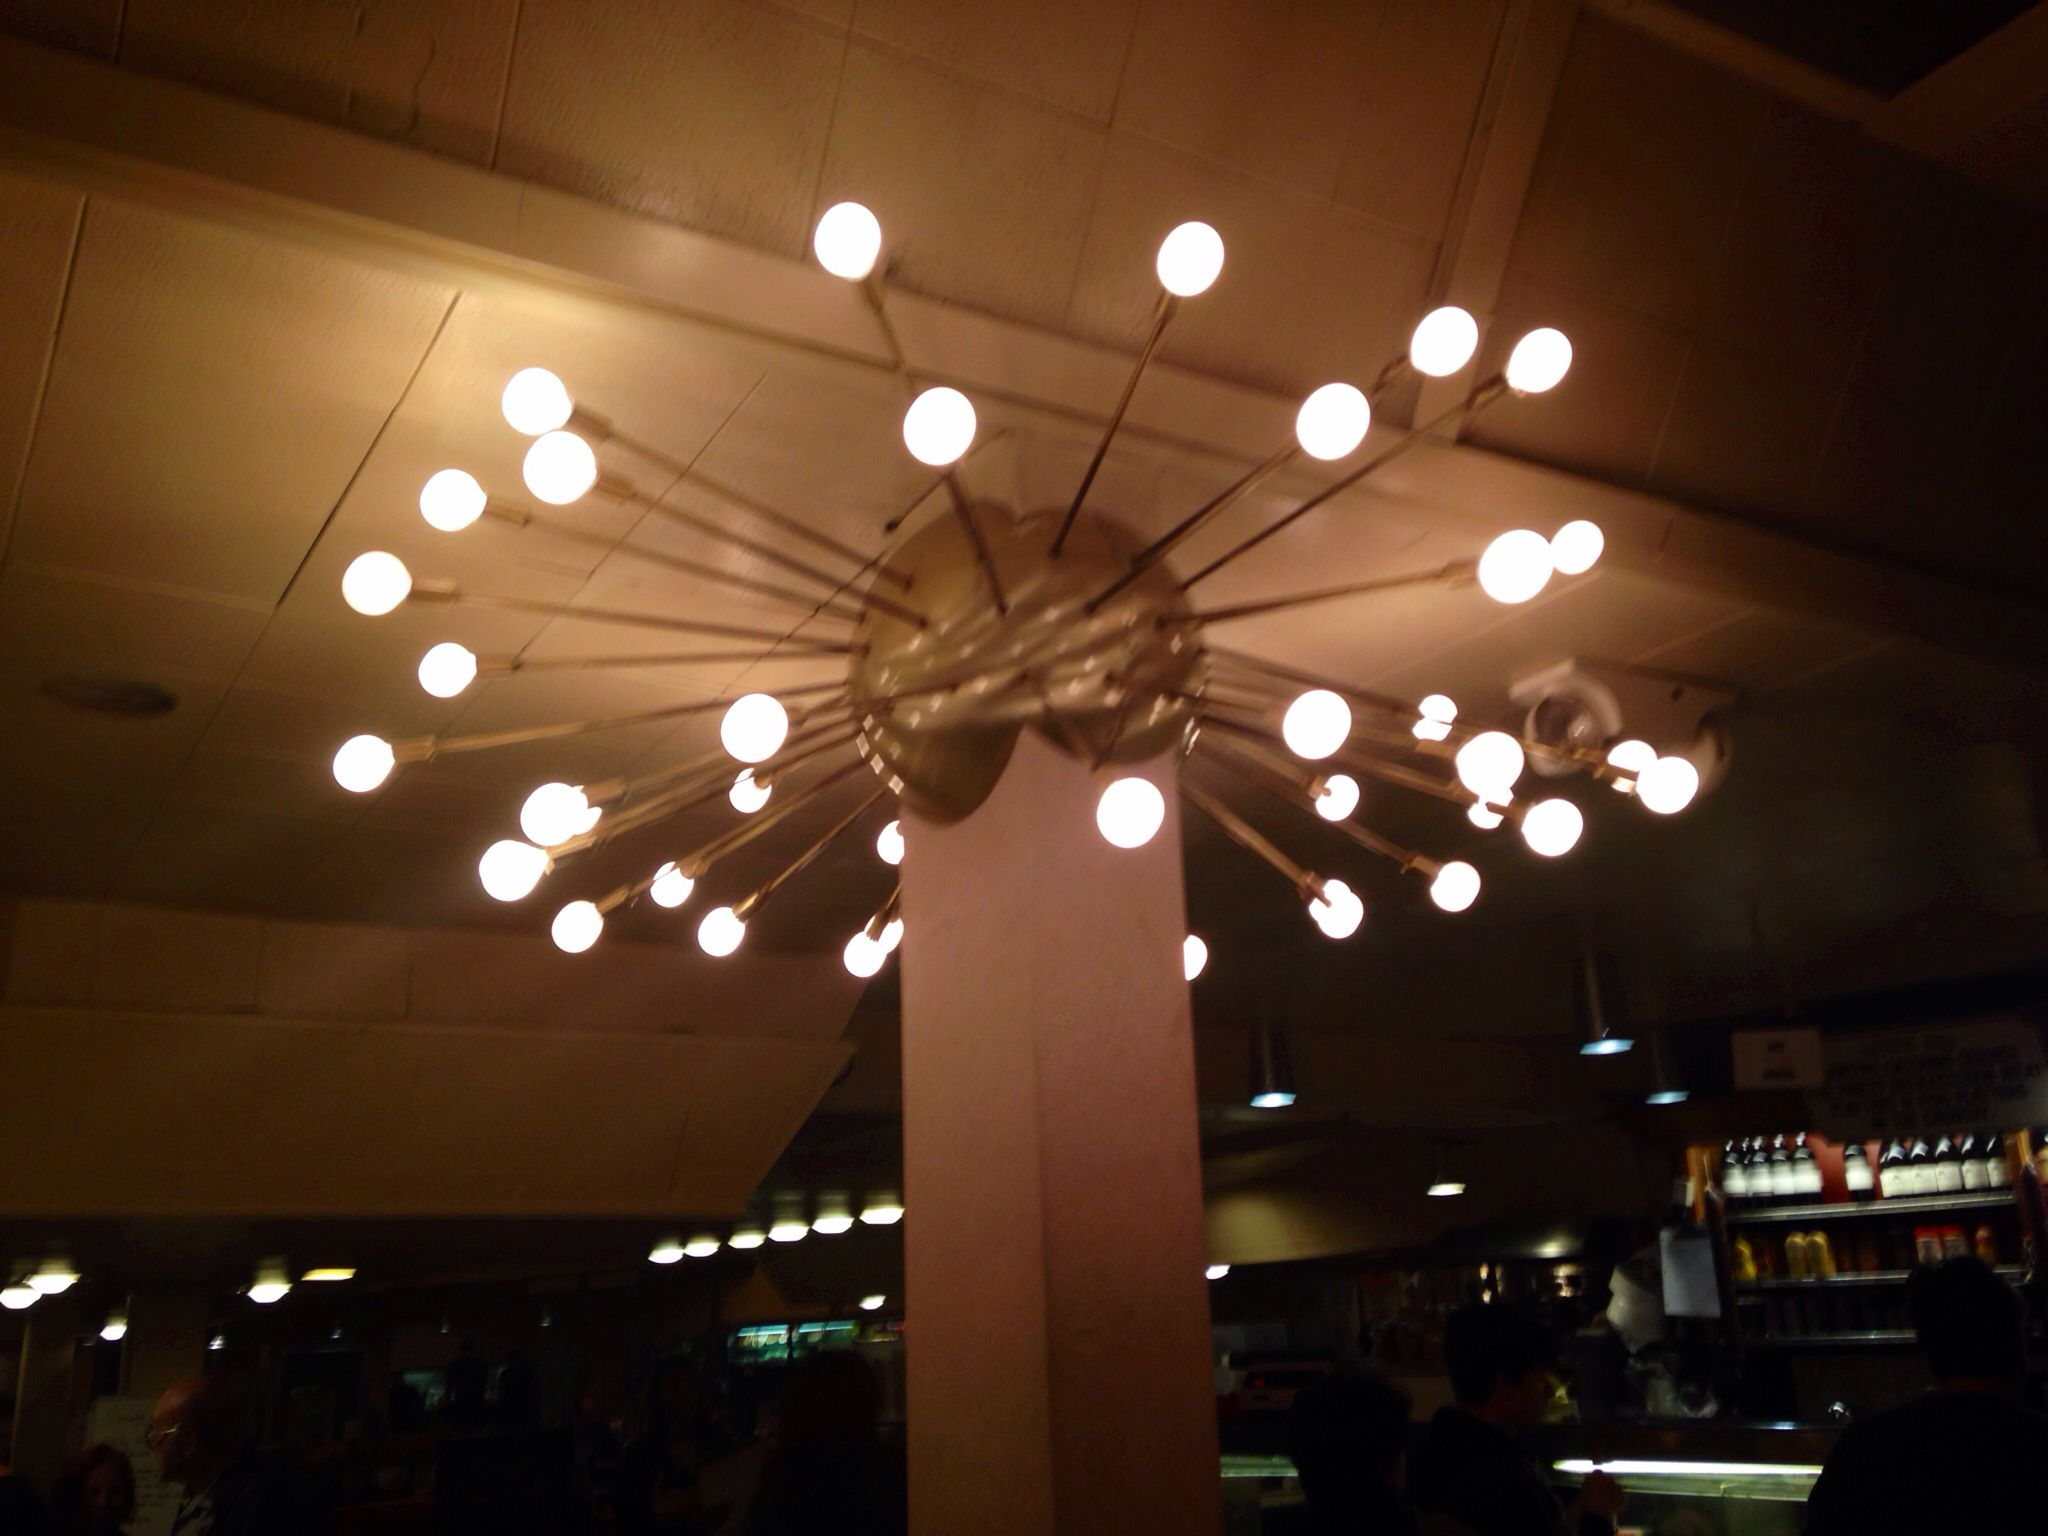 Sputnik light fixture, Canter's Deli Fairfax